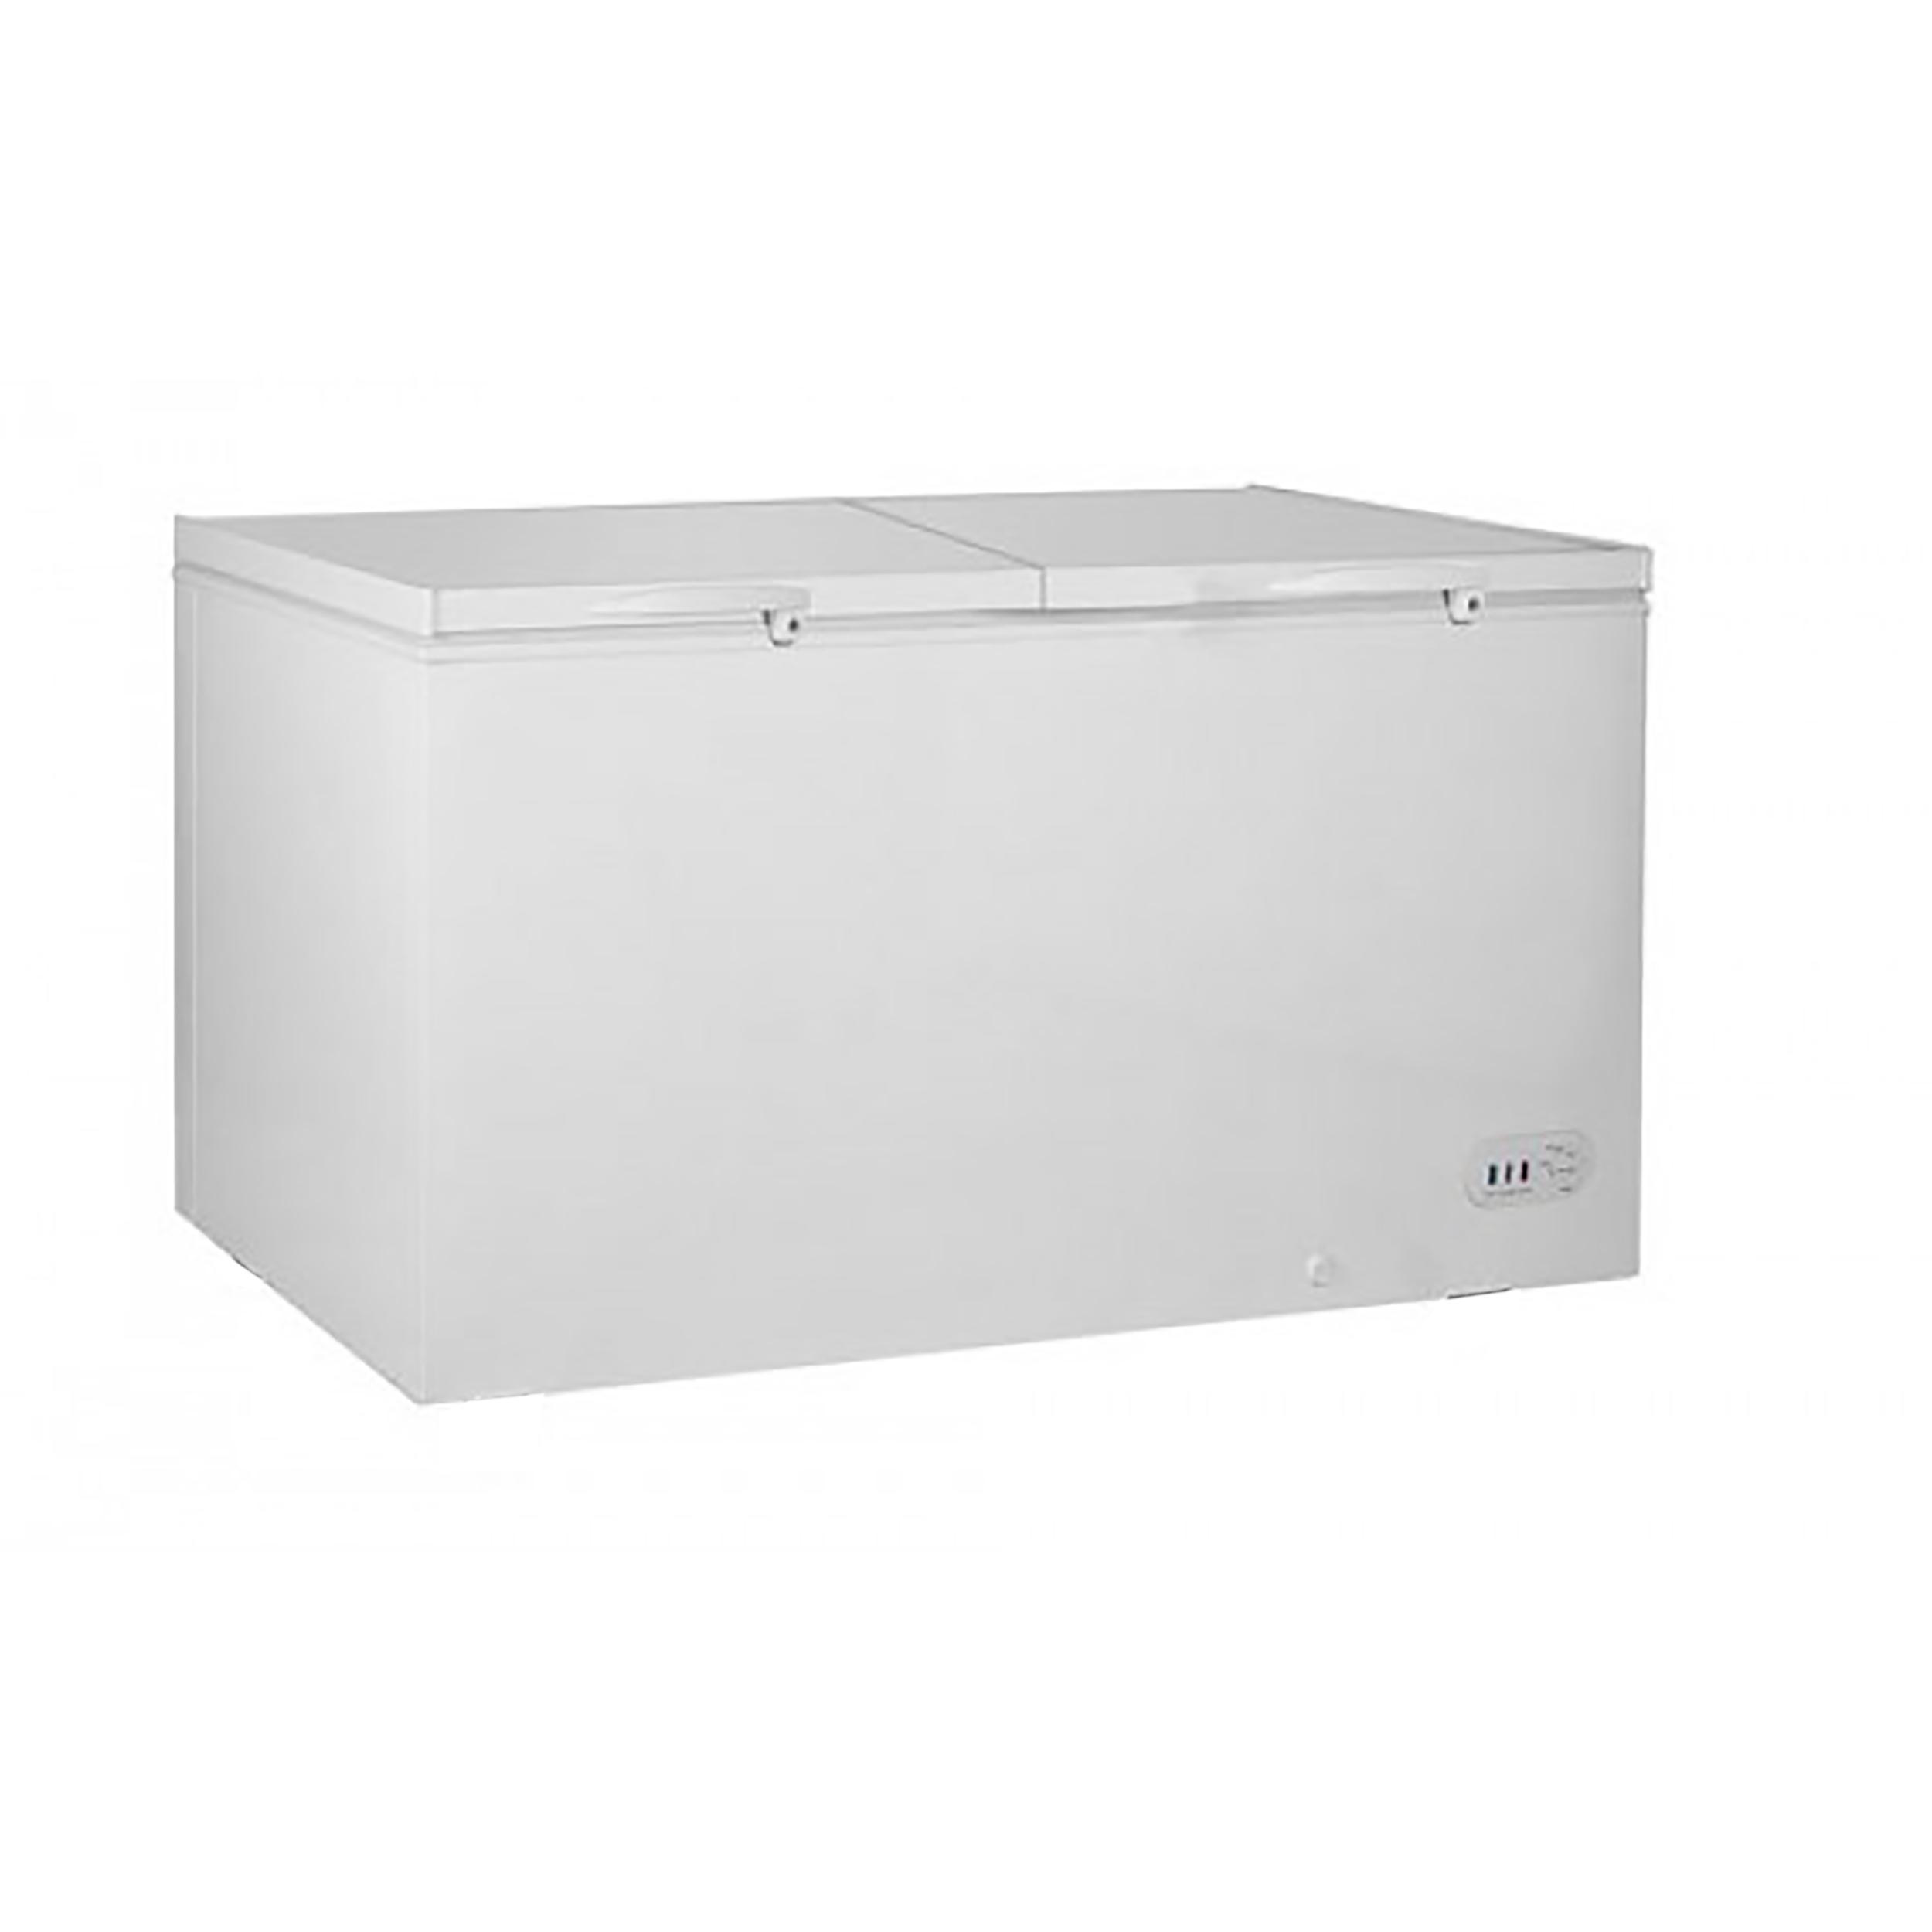 Adcraft (Admiral Craft Equipment) BDCF-16/2R chest freezer